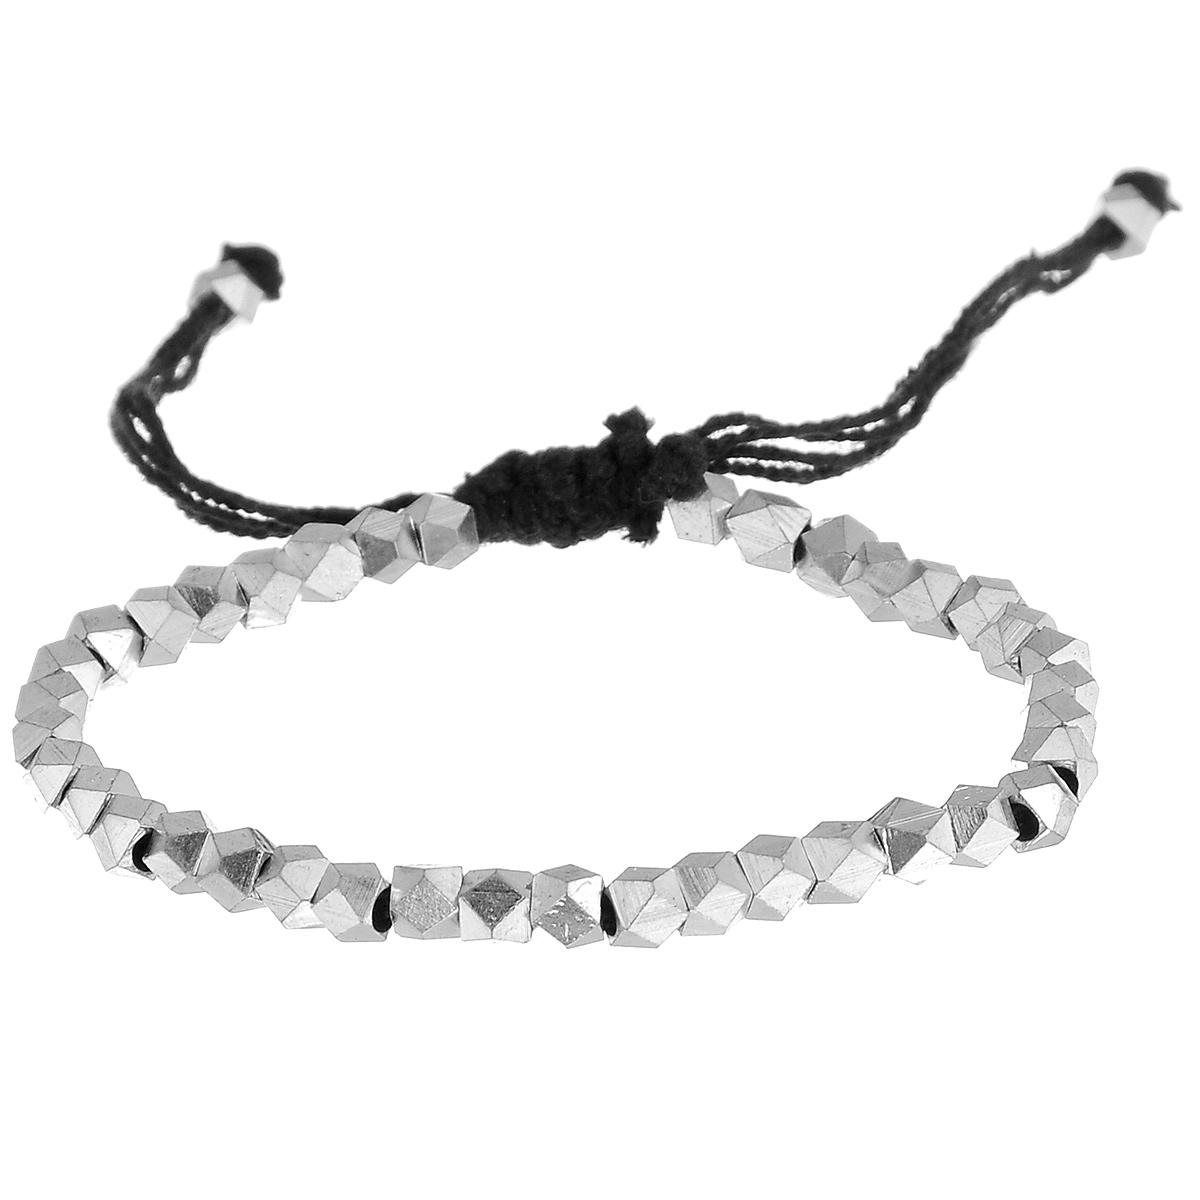 Браслет Ethnica, цвет: черный, серебряный. 042025_3 ( 042025_3 )